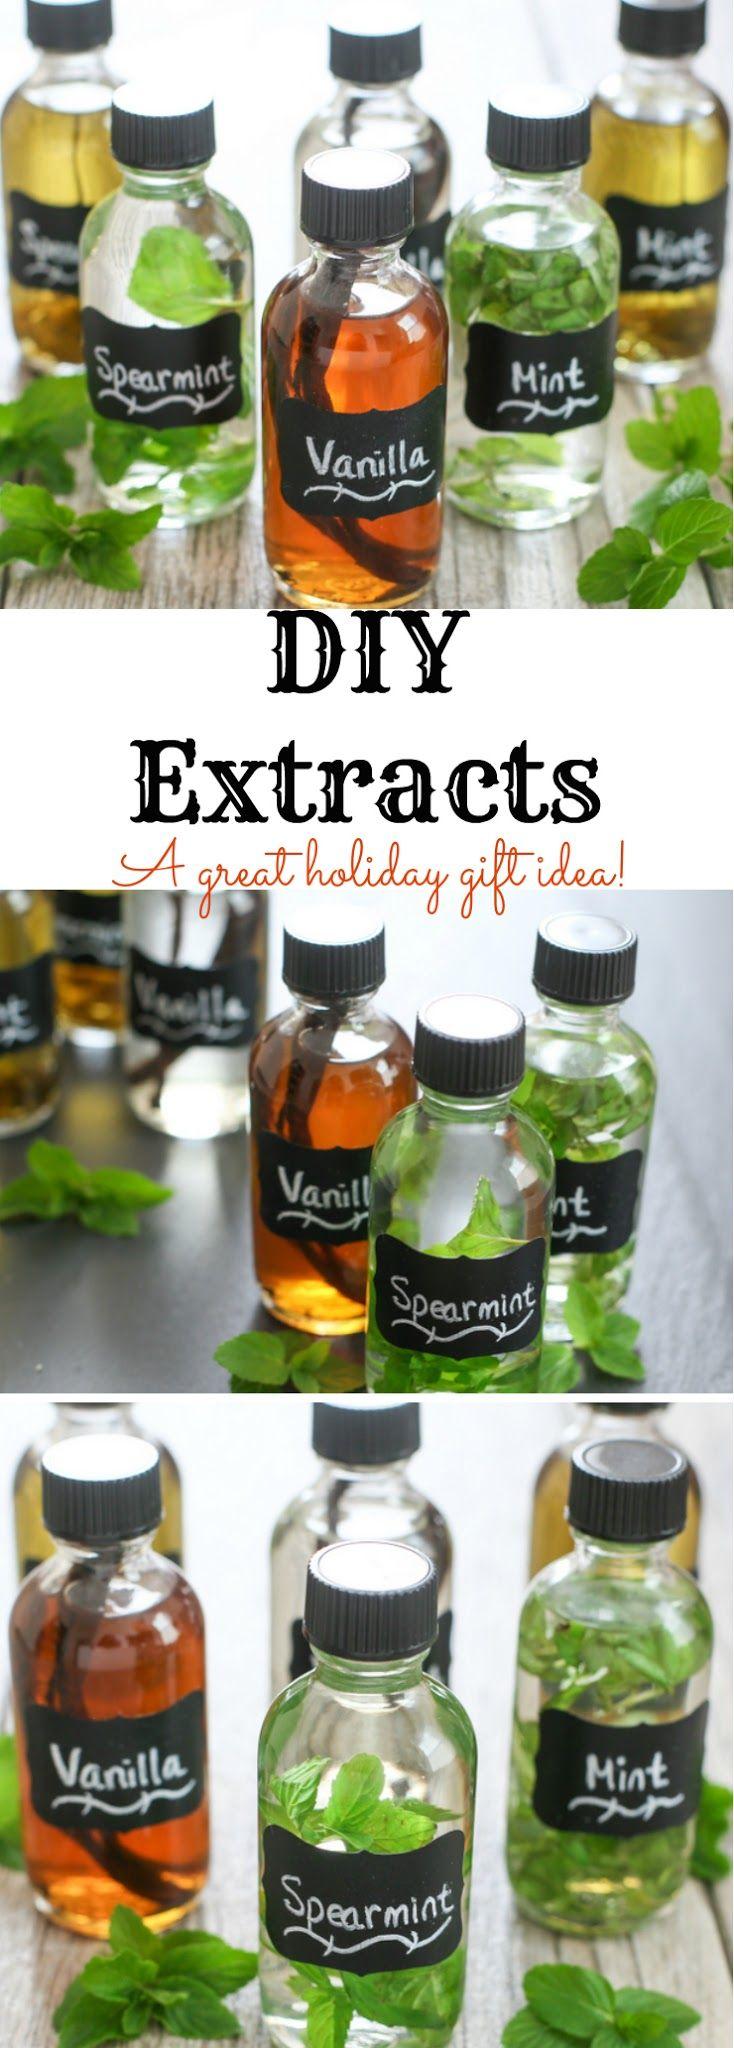 Diy Extracts Recipe Food Food Gifts Diy Food